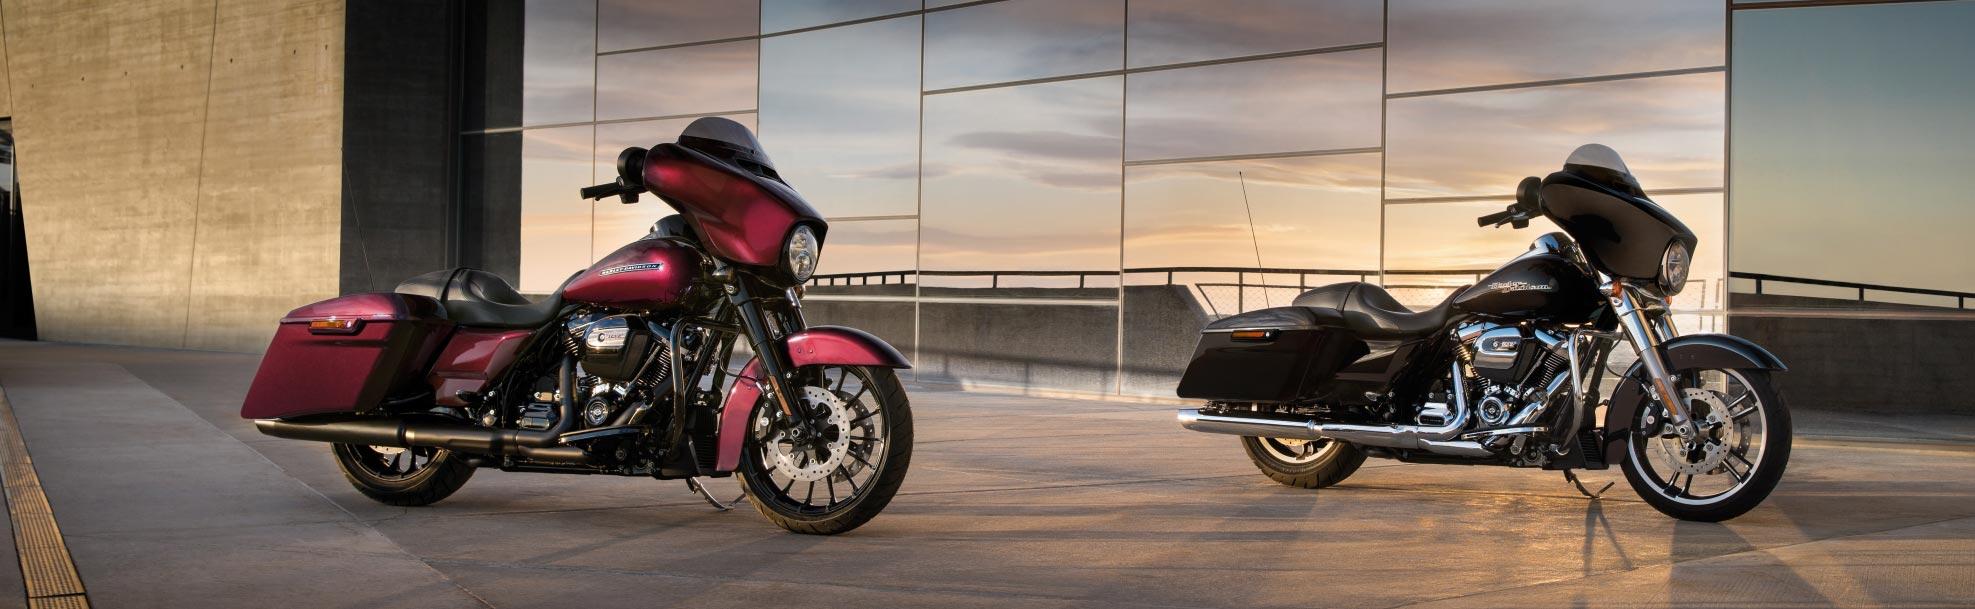 CVO Tourers and Specials top 2018 Harley range | MCNews com au